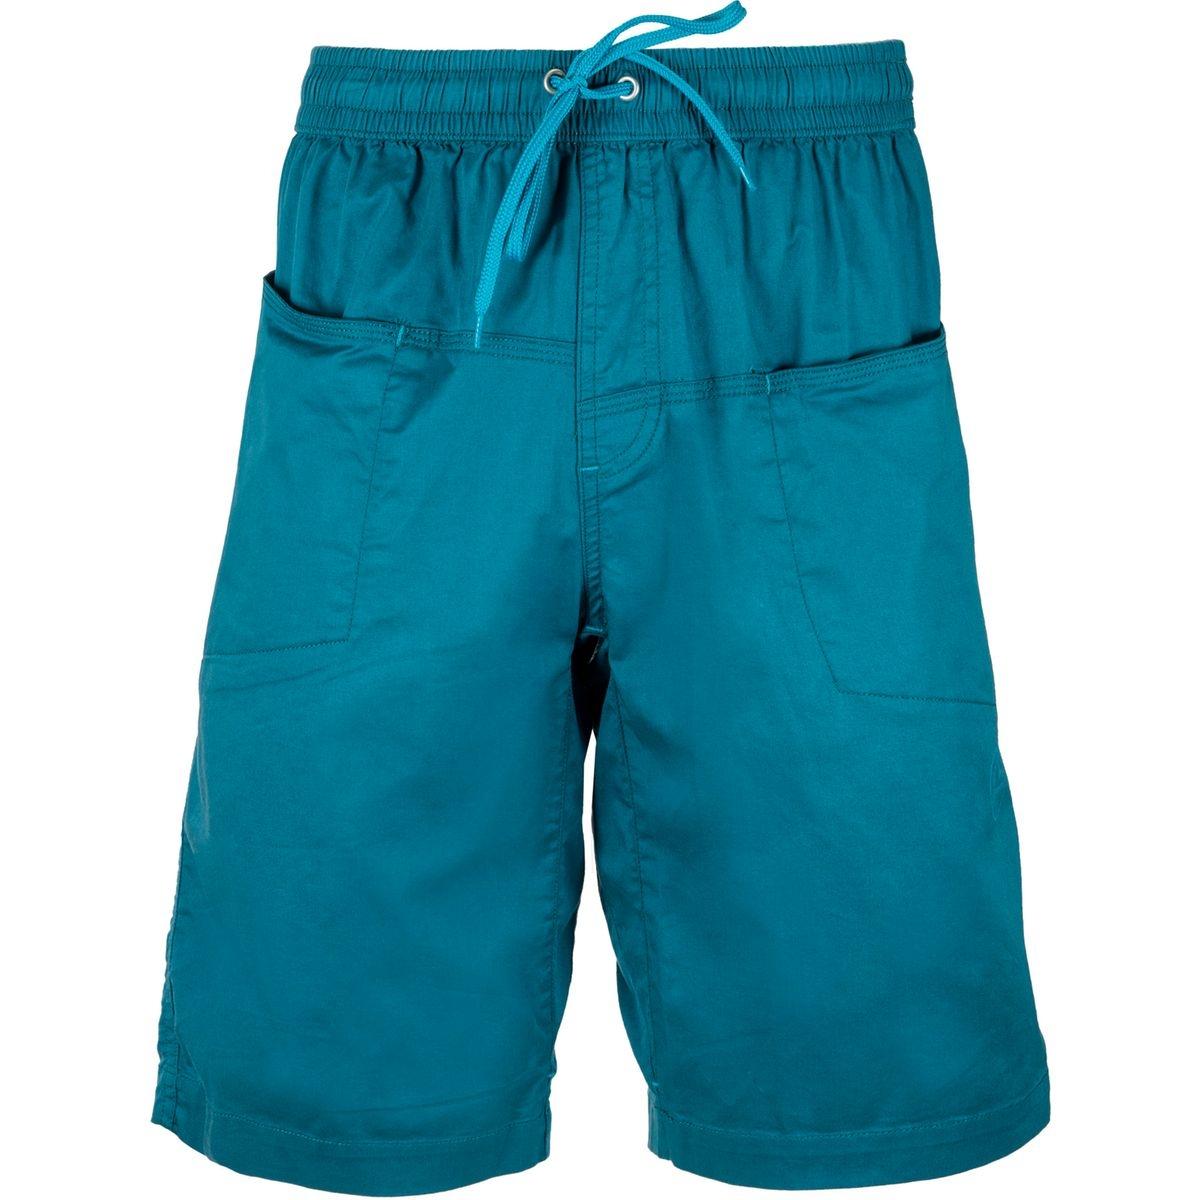 Levanto - Shorts Homme - bleu